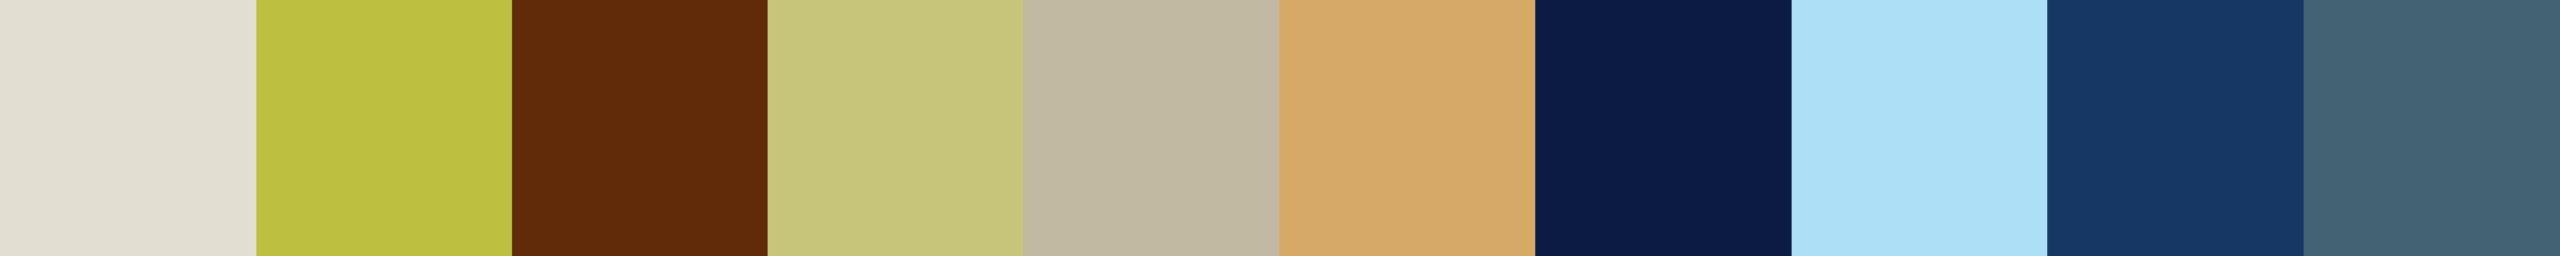 55 Kouava Color Palette